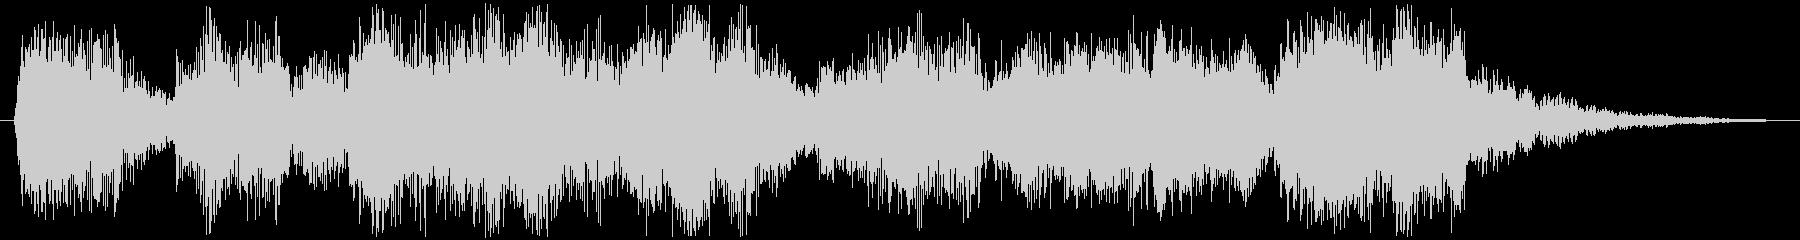 楽しげなアイキャッチ効果音の未再生の波形